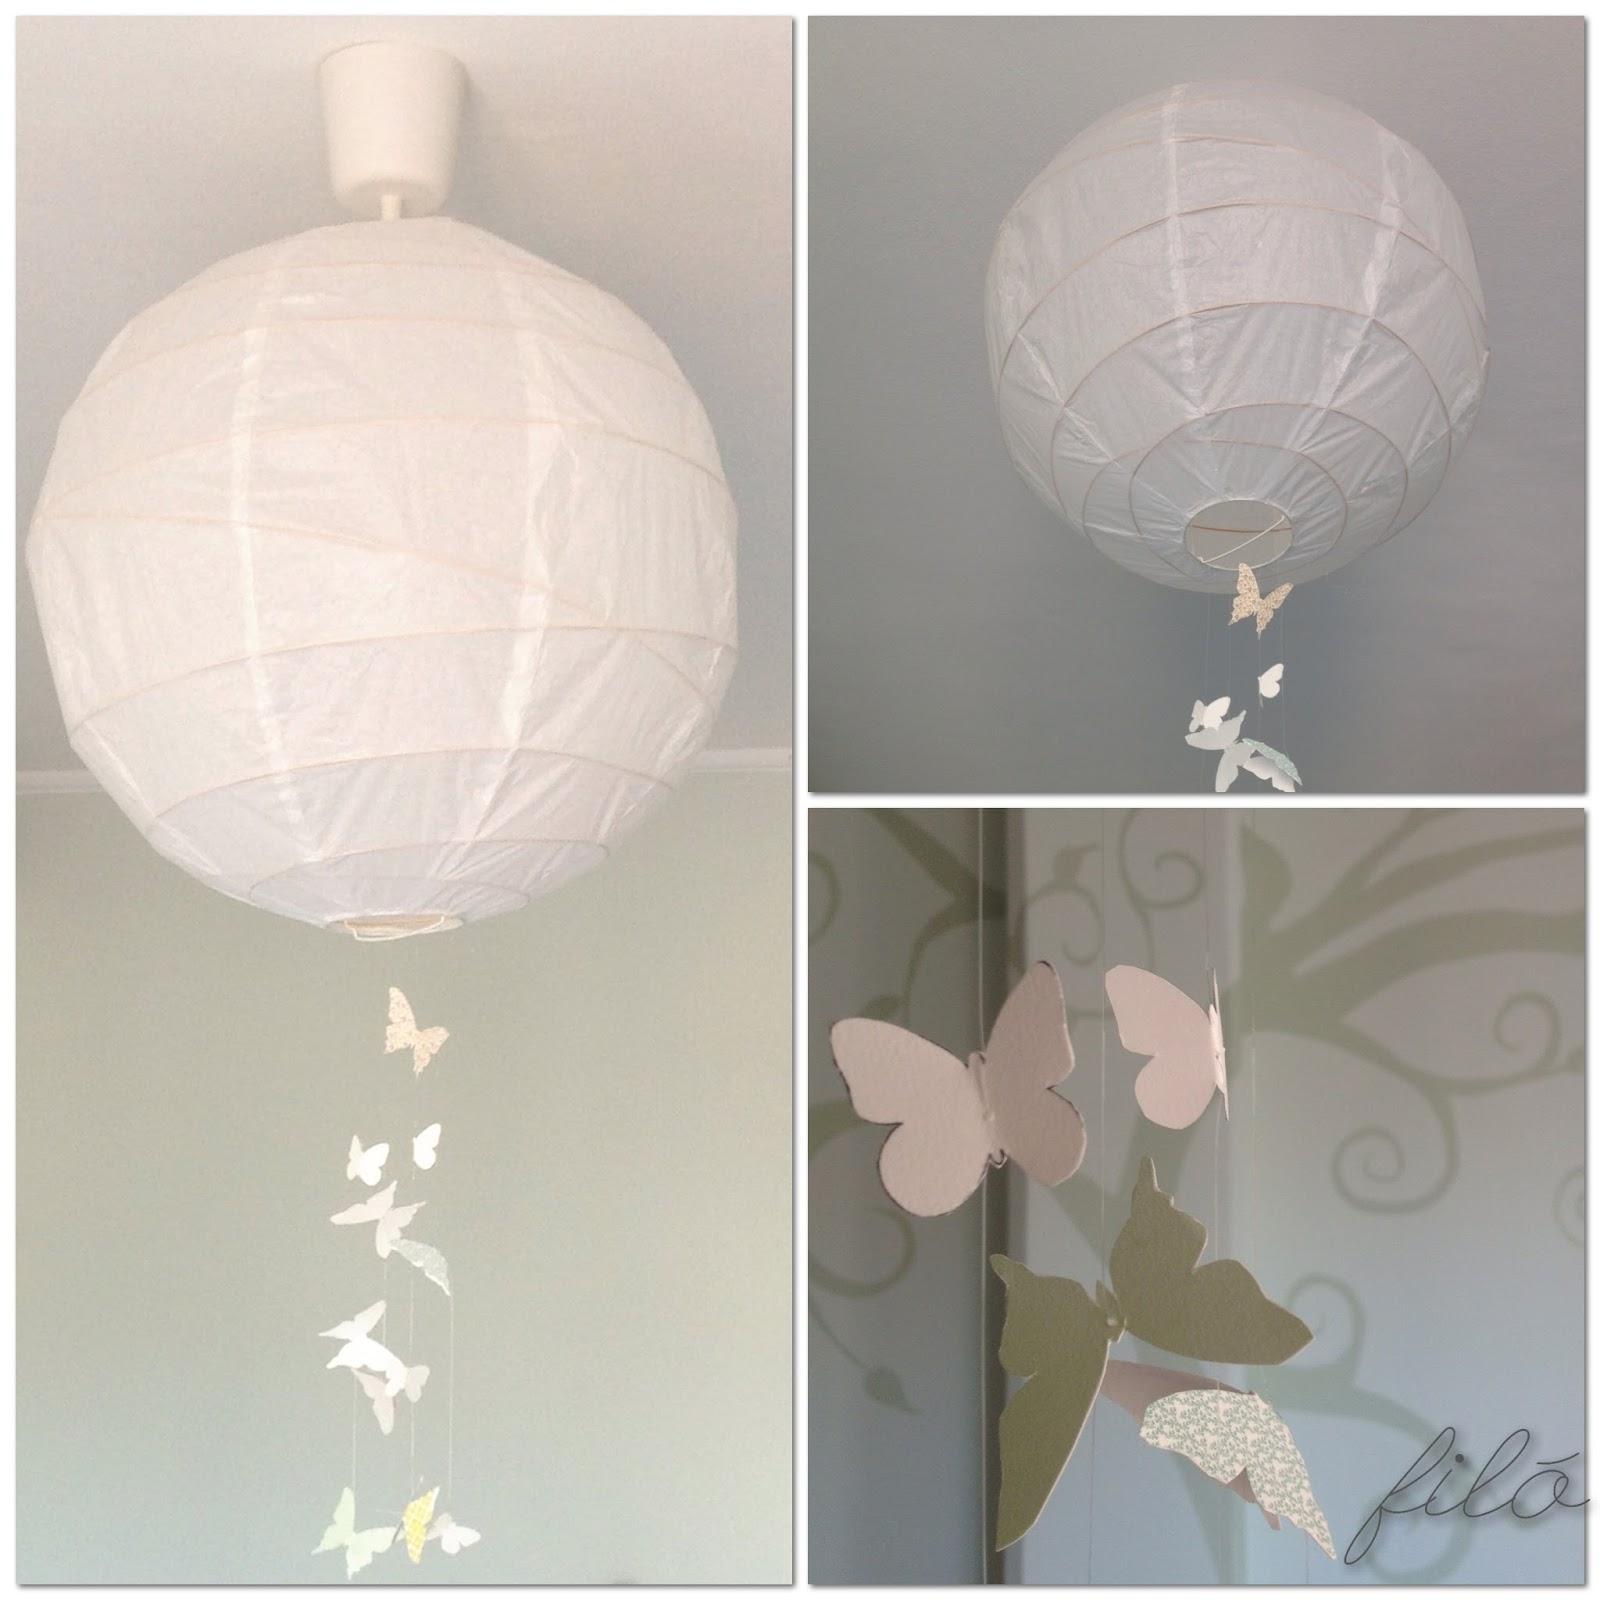 Farfalle Decorative Fai Da Te il mio filò : farfalle decorative